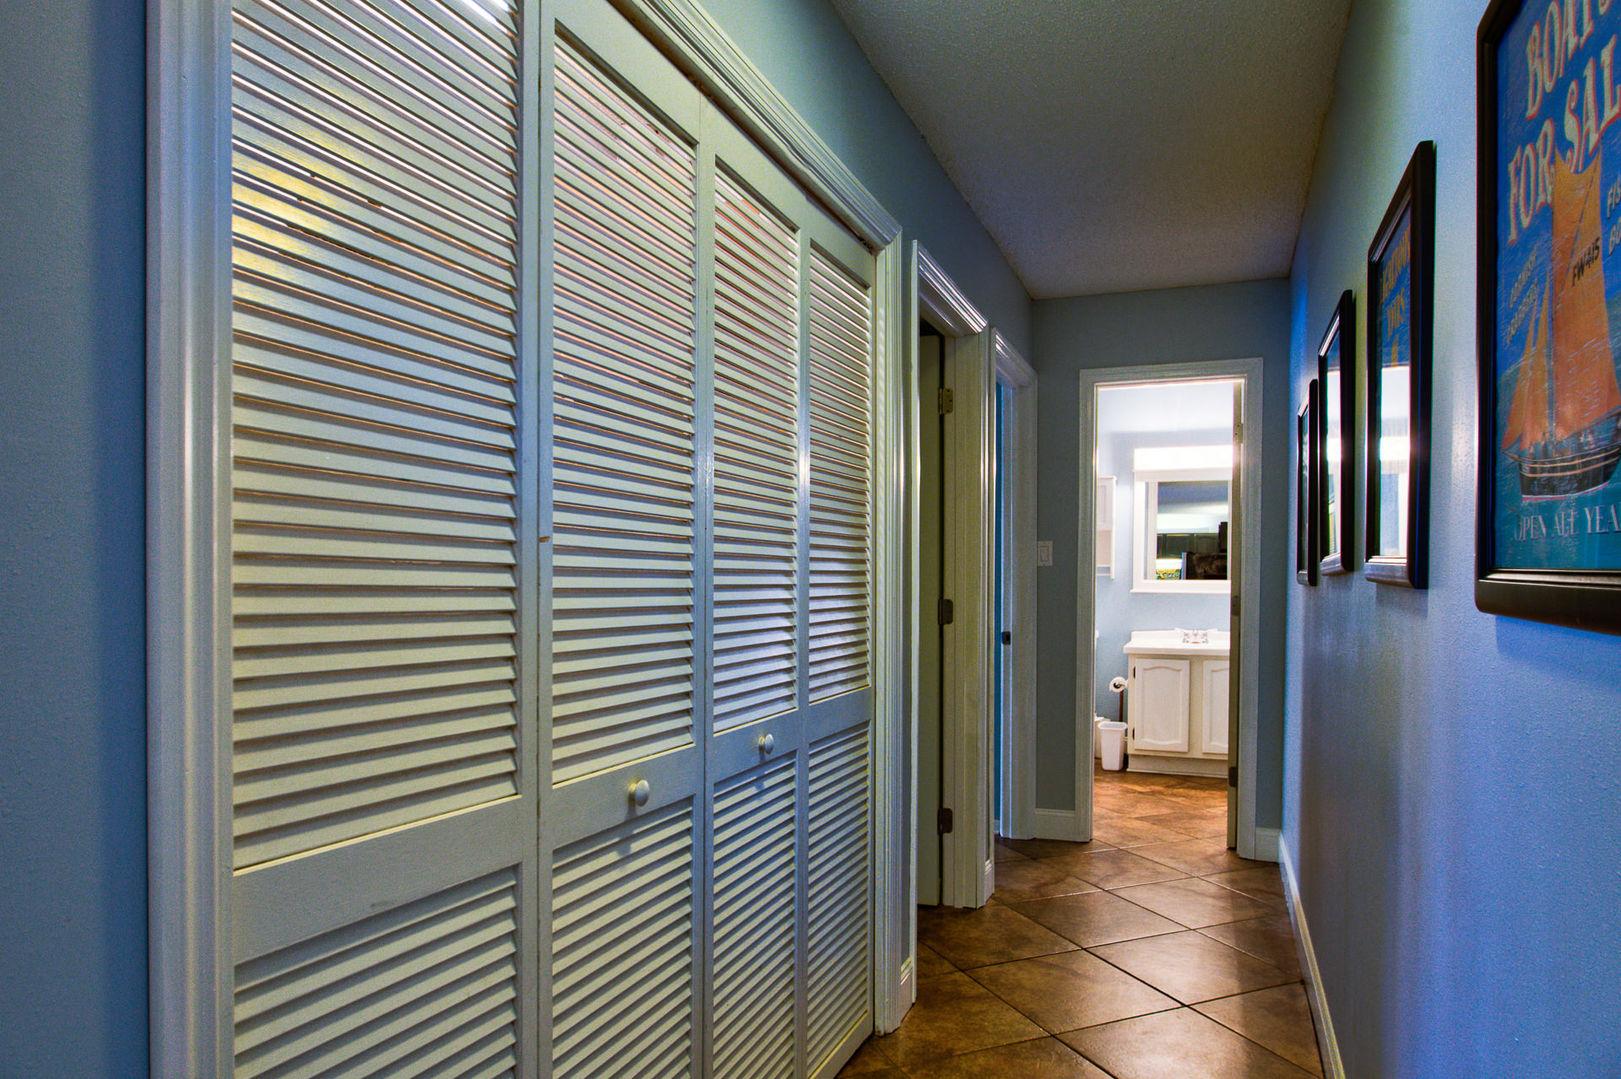 Hallway and Bathroom View in our Gulf Shores, AL Vacation Condo